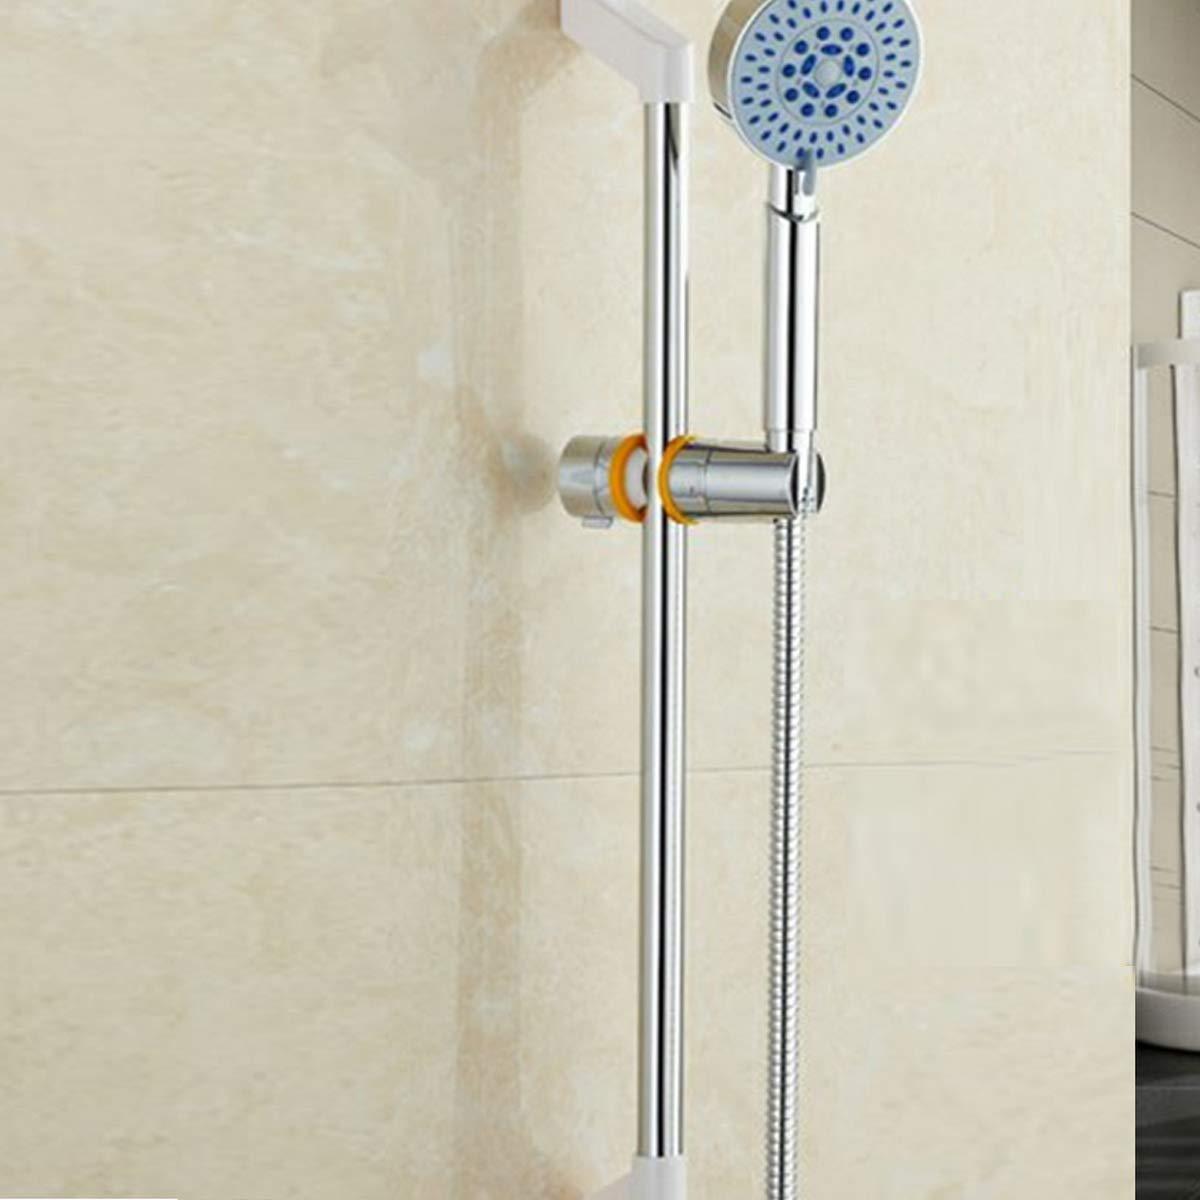 Lailongp aluminio, 150 cm, con adaptador 5//8 para nivel l/áser Tr/ípode